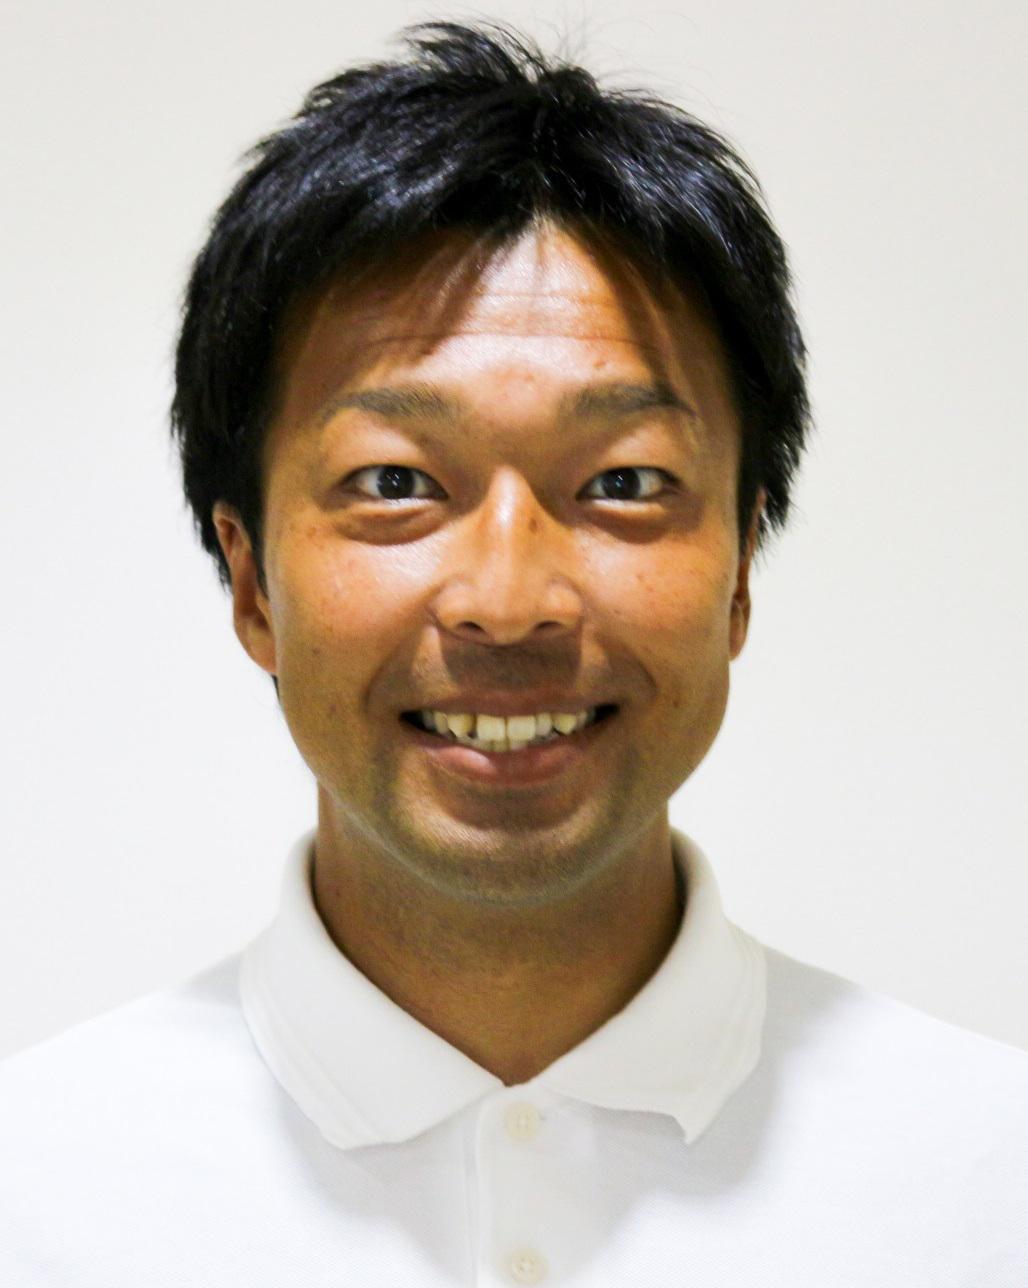 福岡 淳平